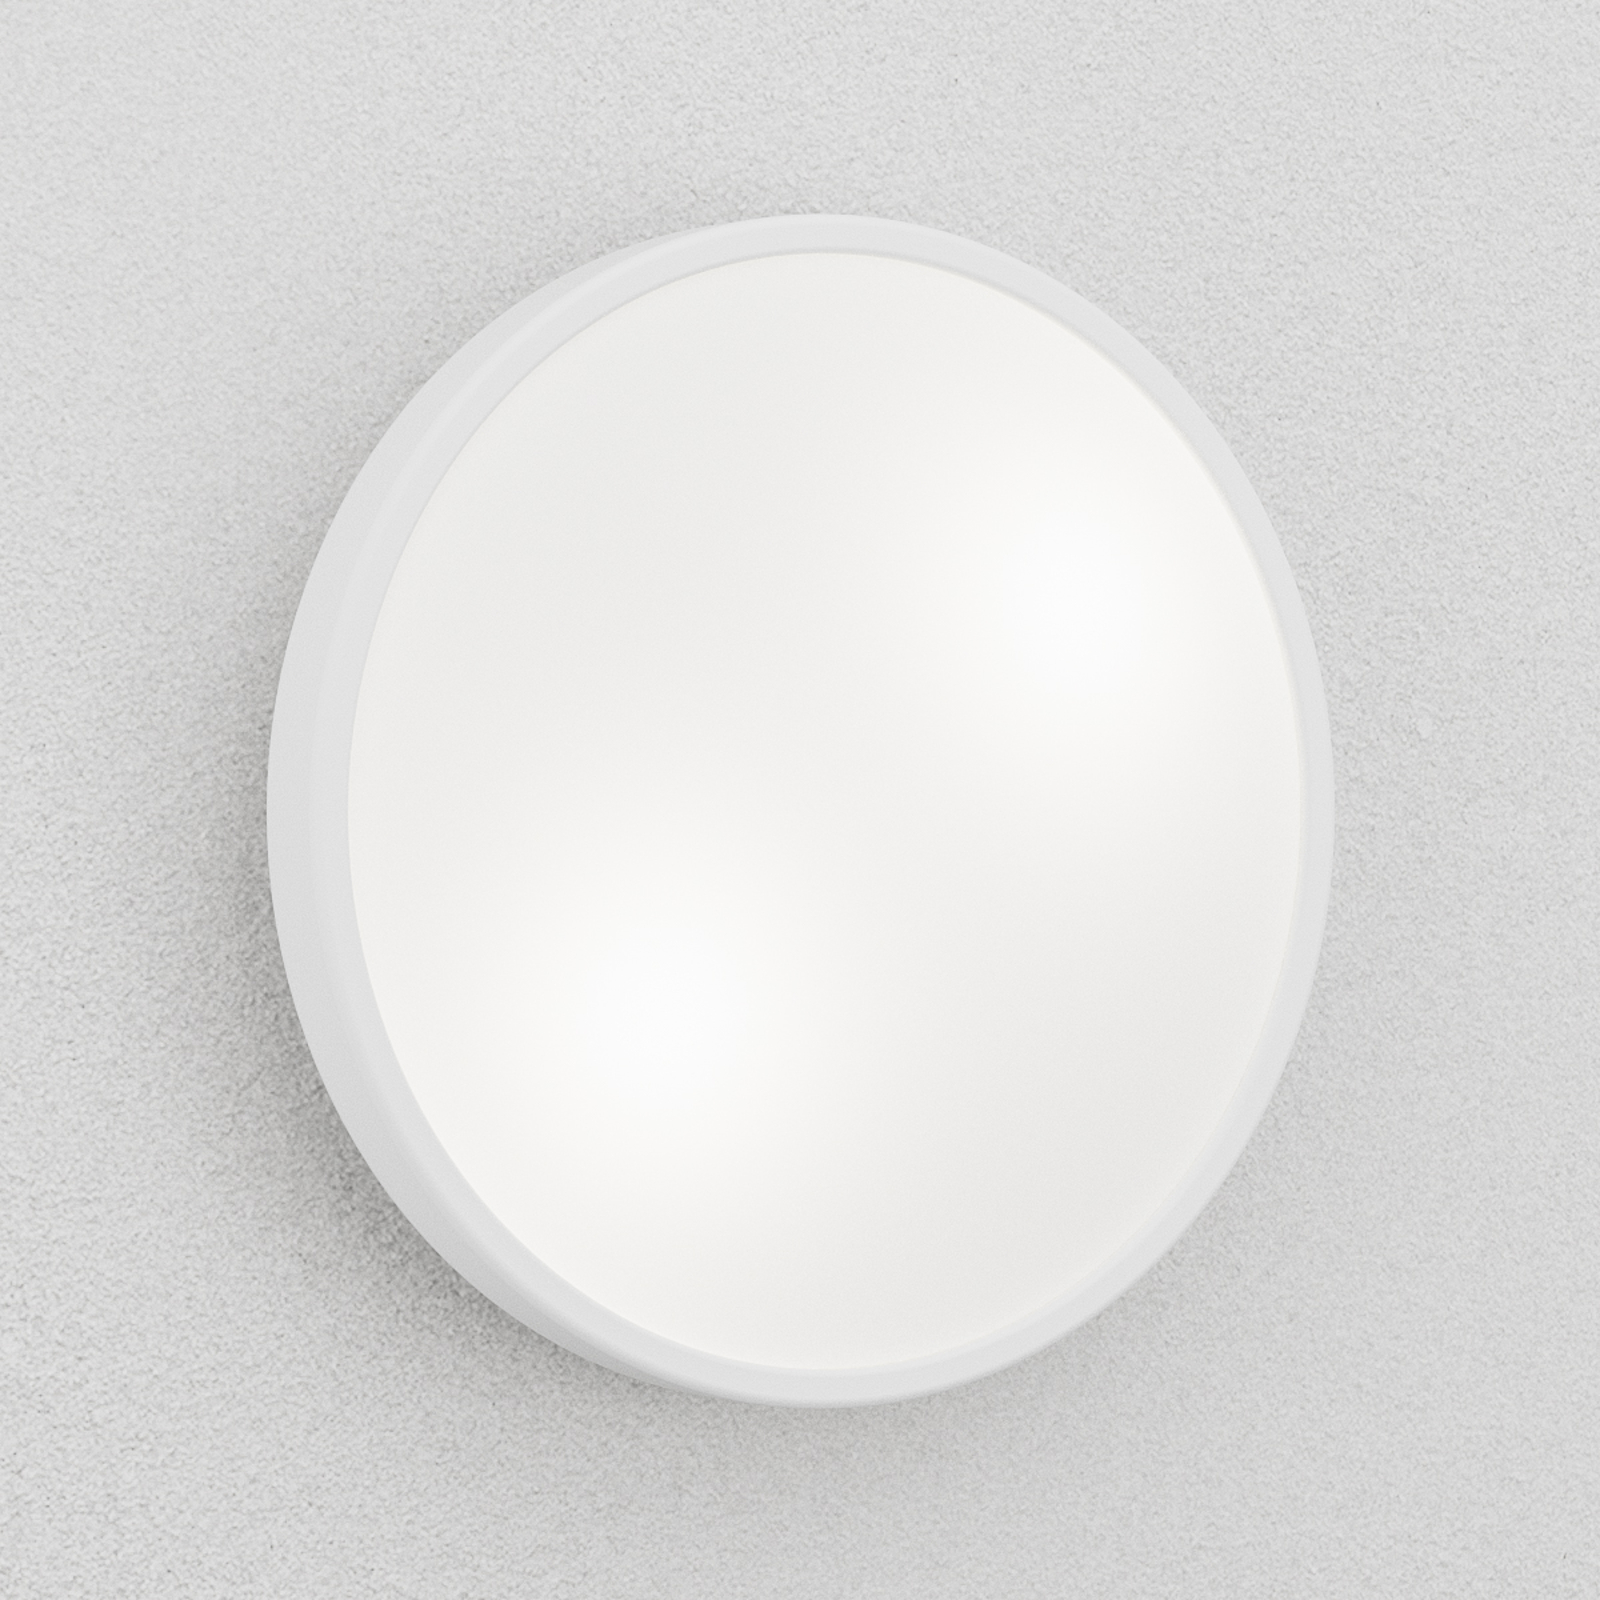 PLAZA lampa sufitowa i ścienna, 31 cm, biała